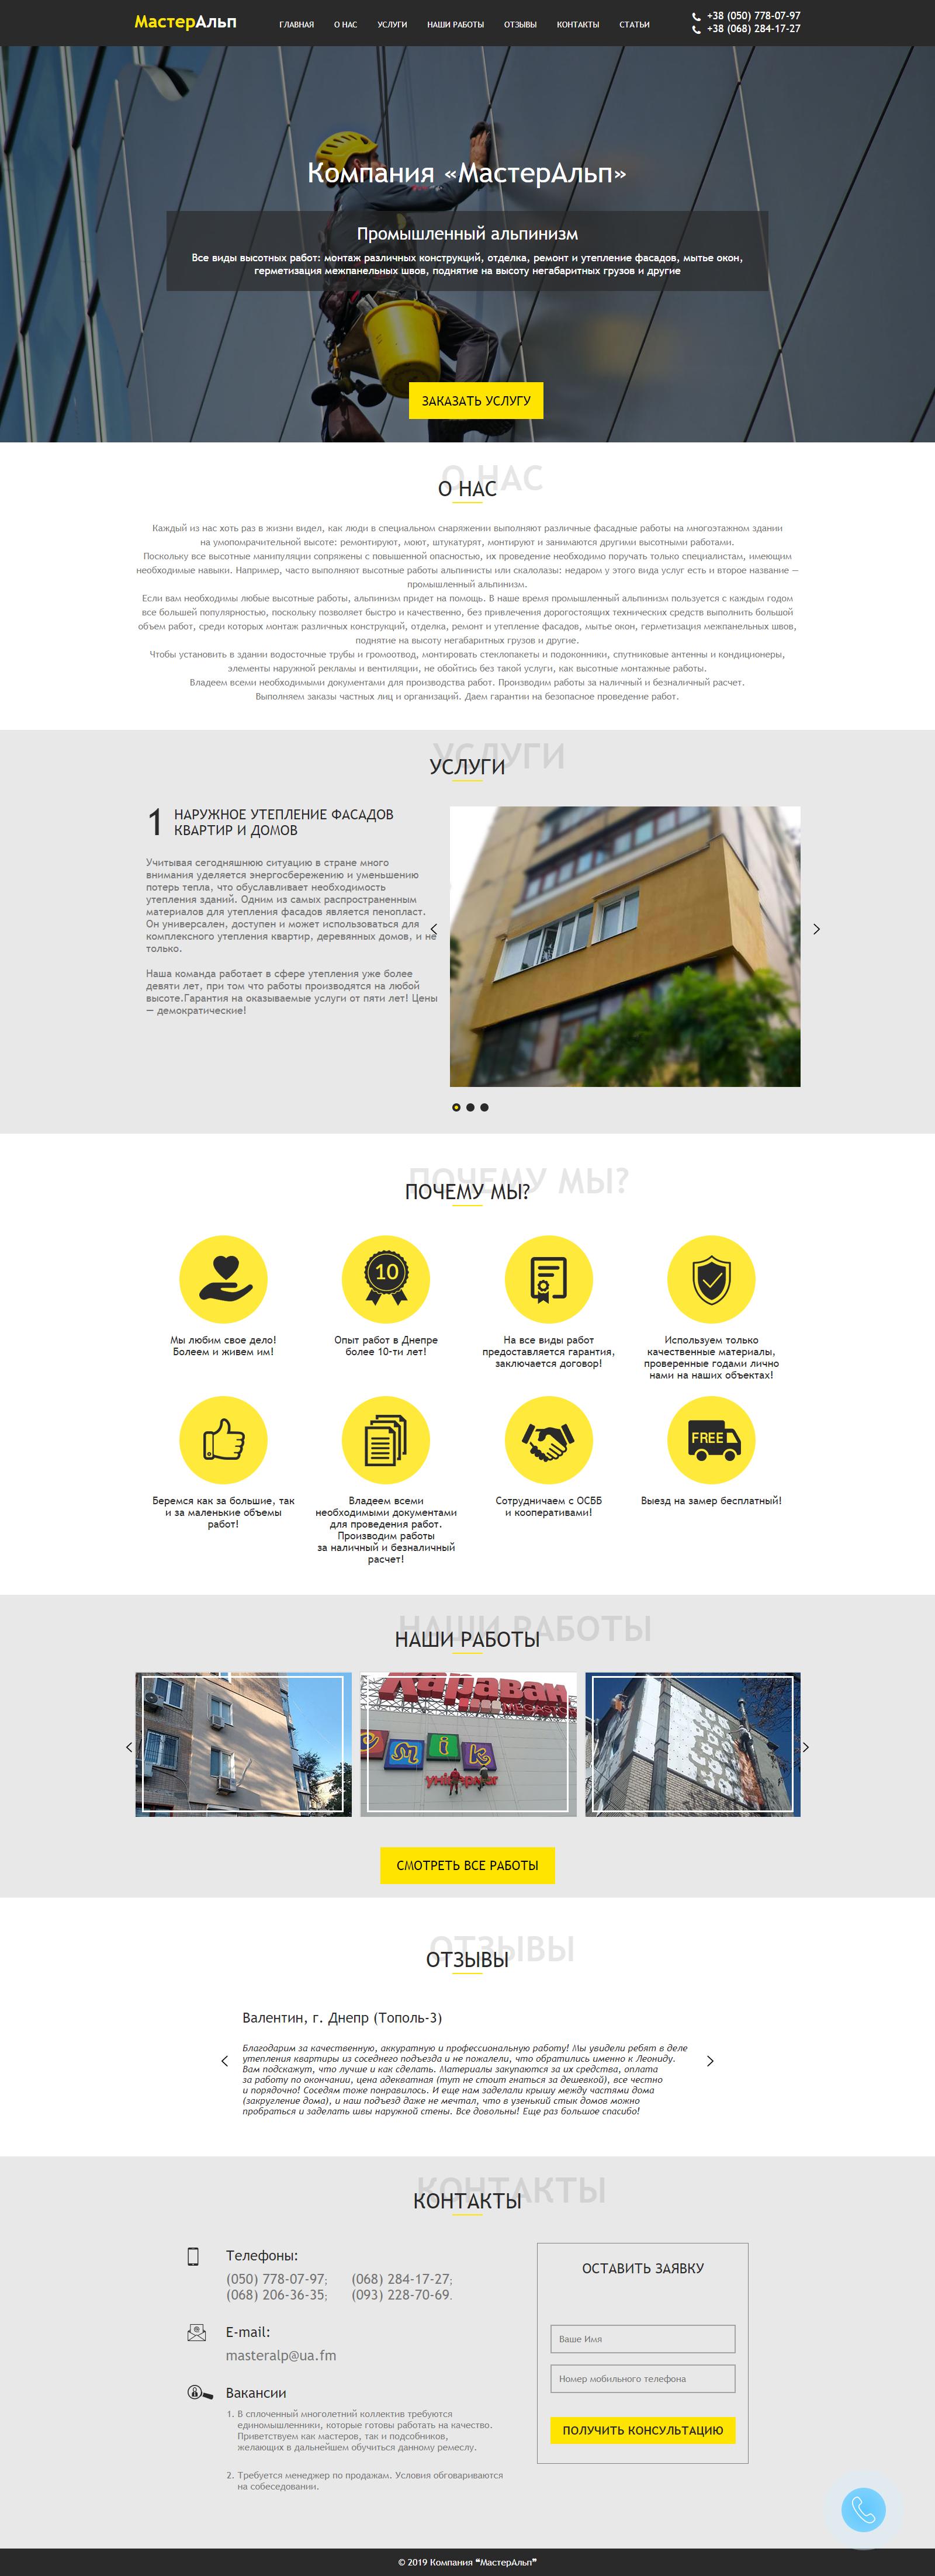 Фото Дизайн + адаптивная верстка под все экраны. Установка на CMS WordPress.